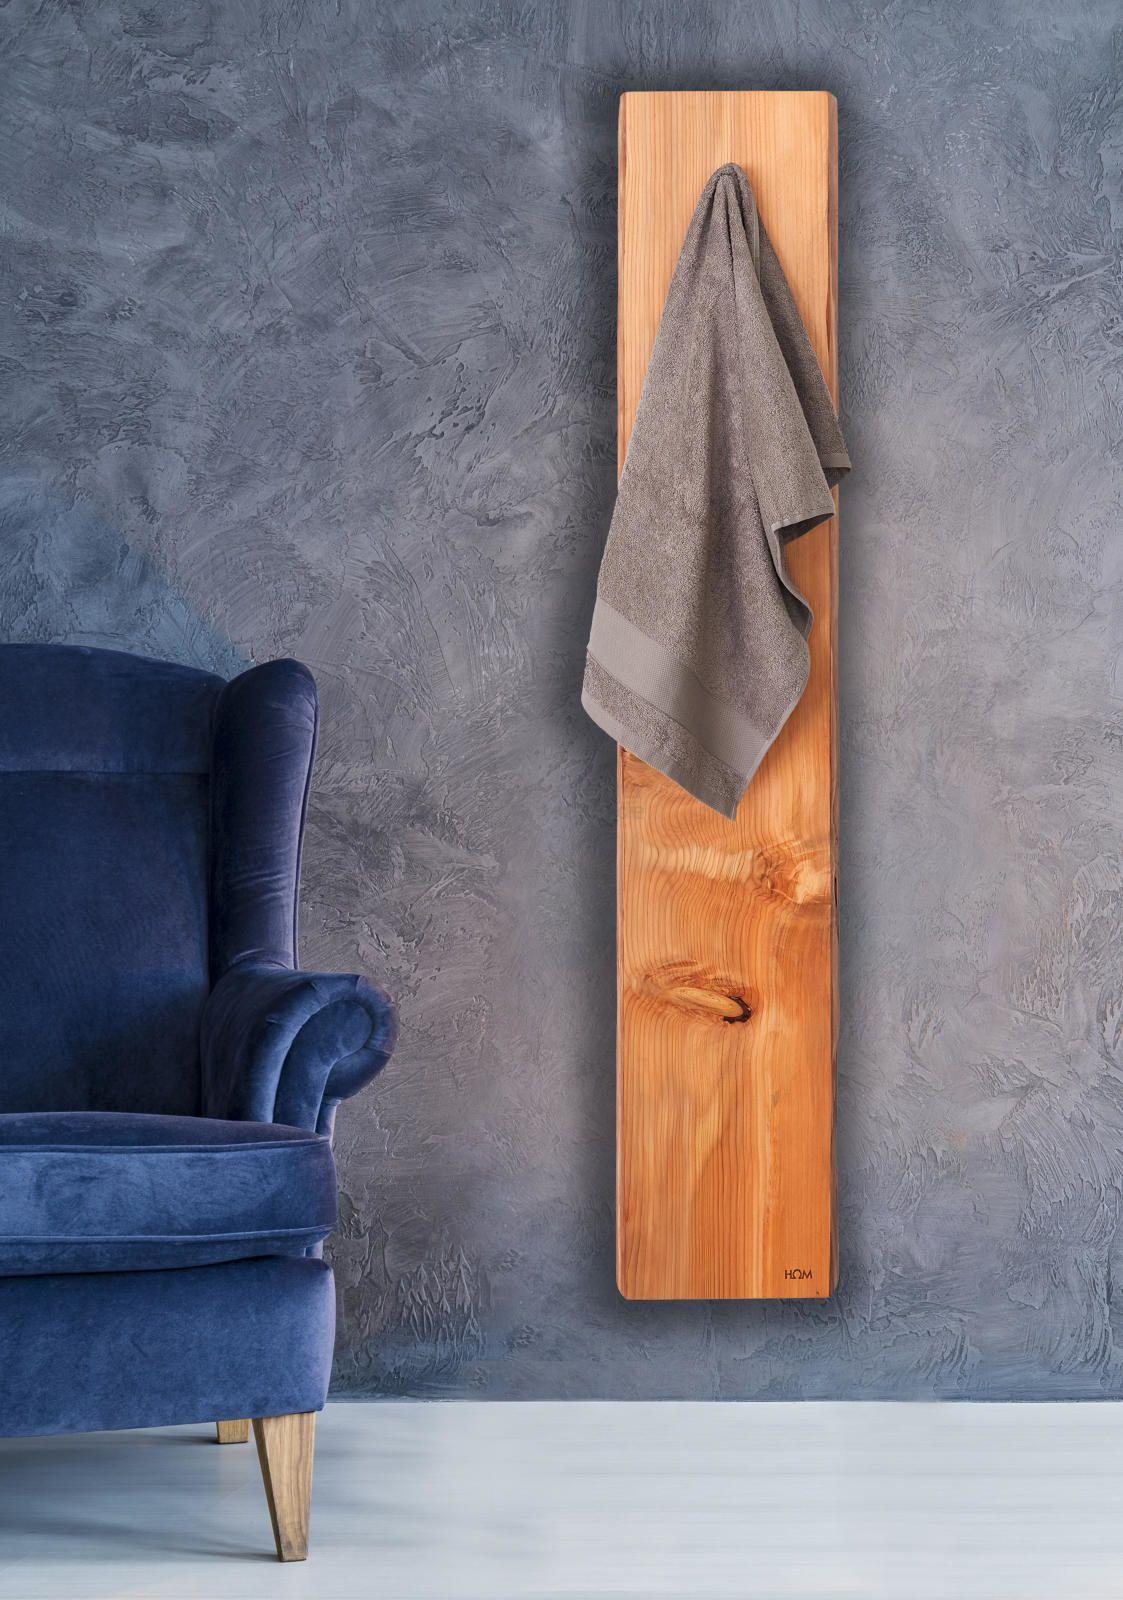 Infrarot Handtuchwarmer Aus Holz Handtuchwarmer Gaste Wc Infrarotheizung